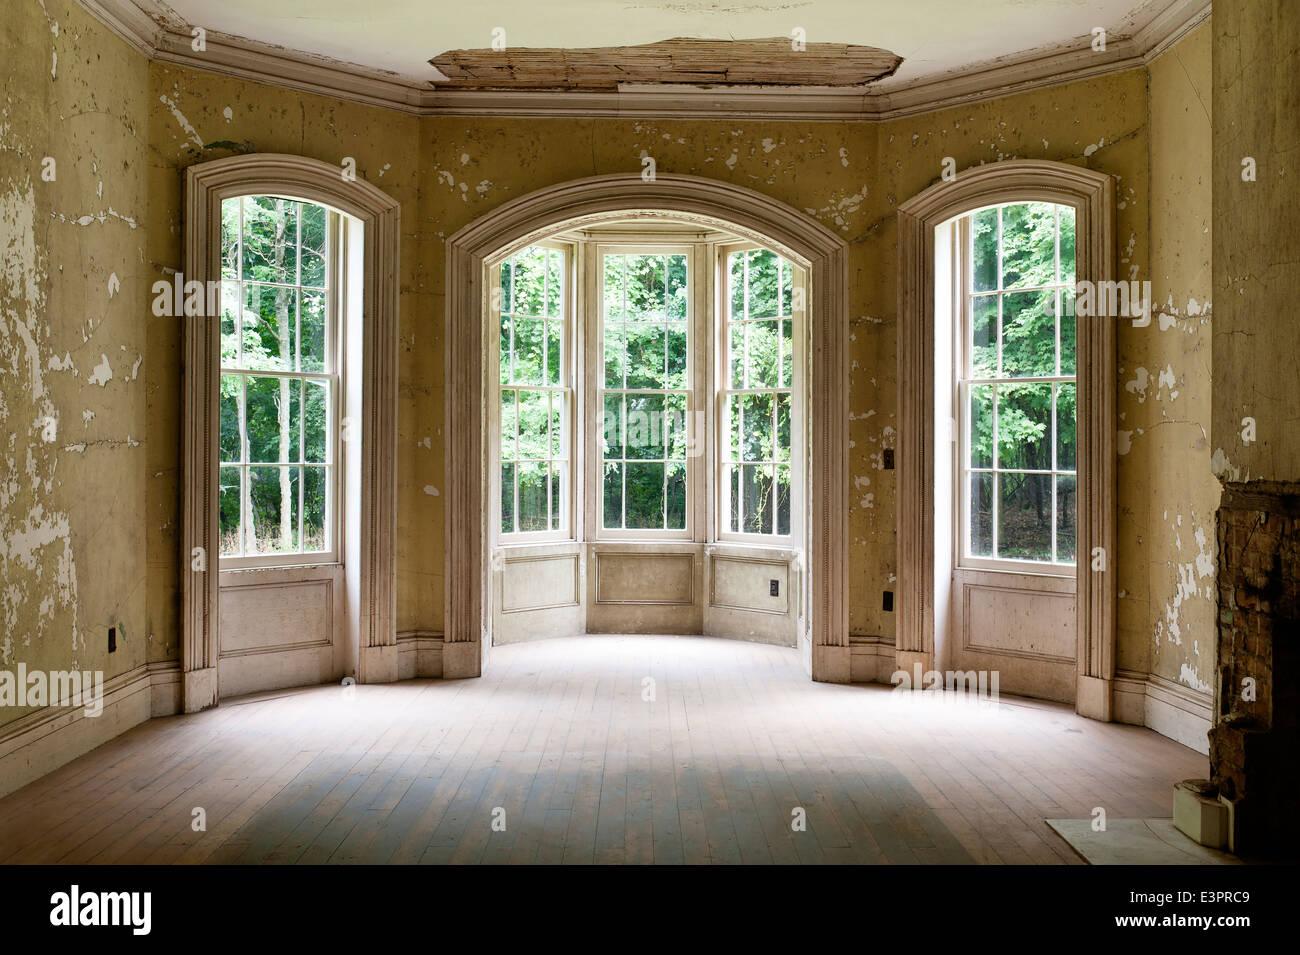 Superior Dreiteilige Fenster Im Leeren Raum Mit Peeling Tapete Und Beschädigte Decke